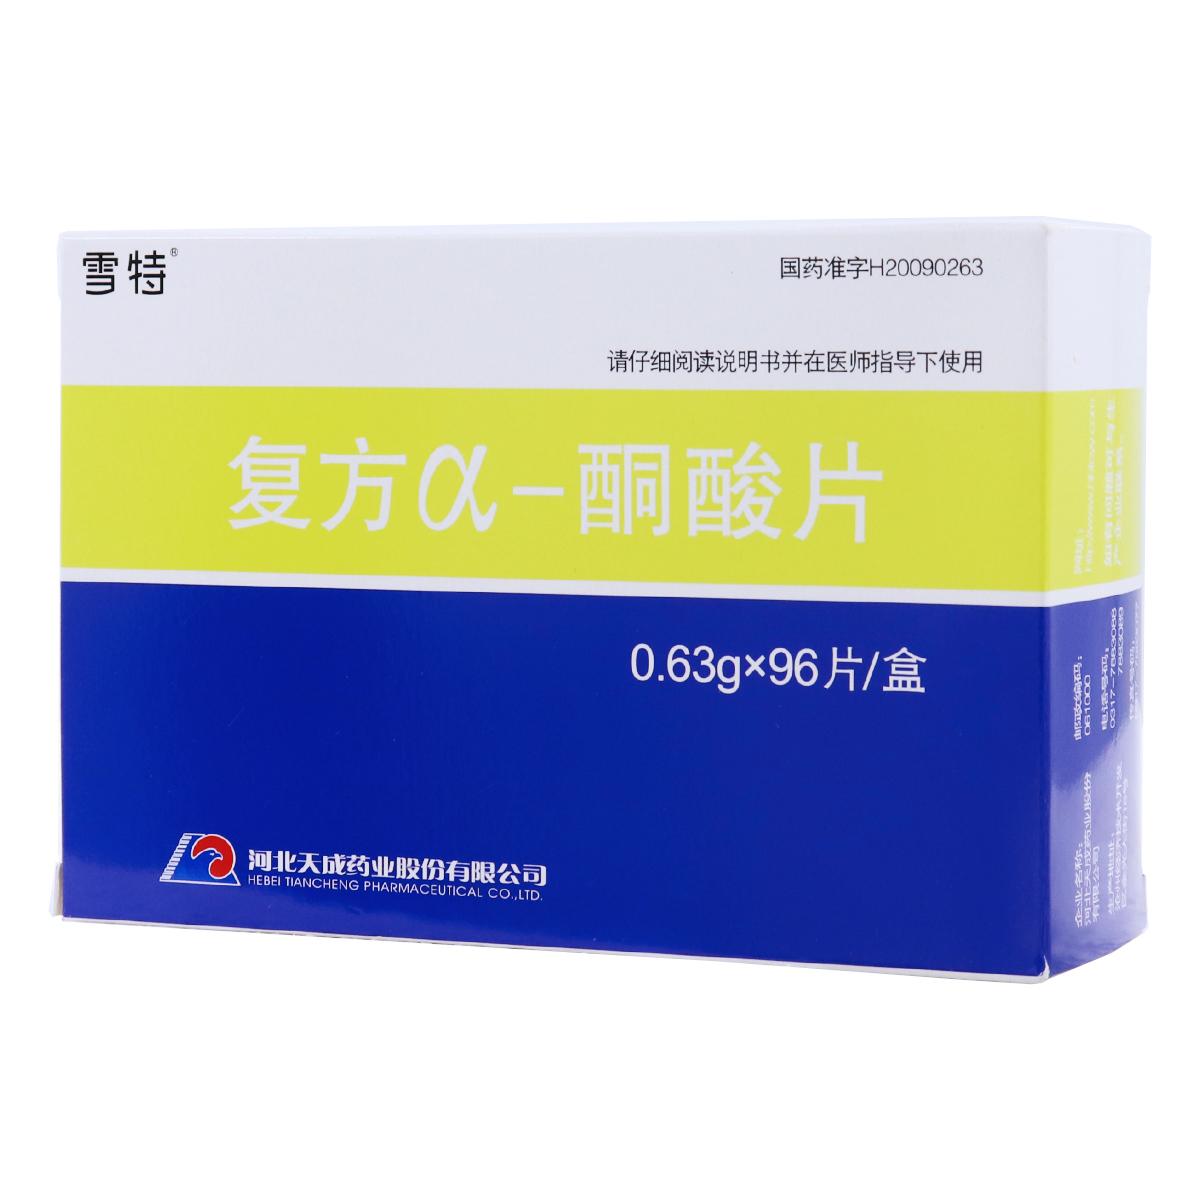 【雪特】复方α-酮酸片